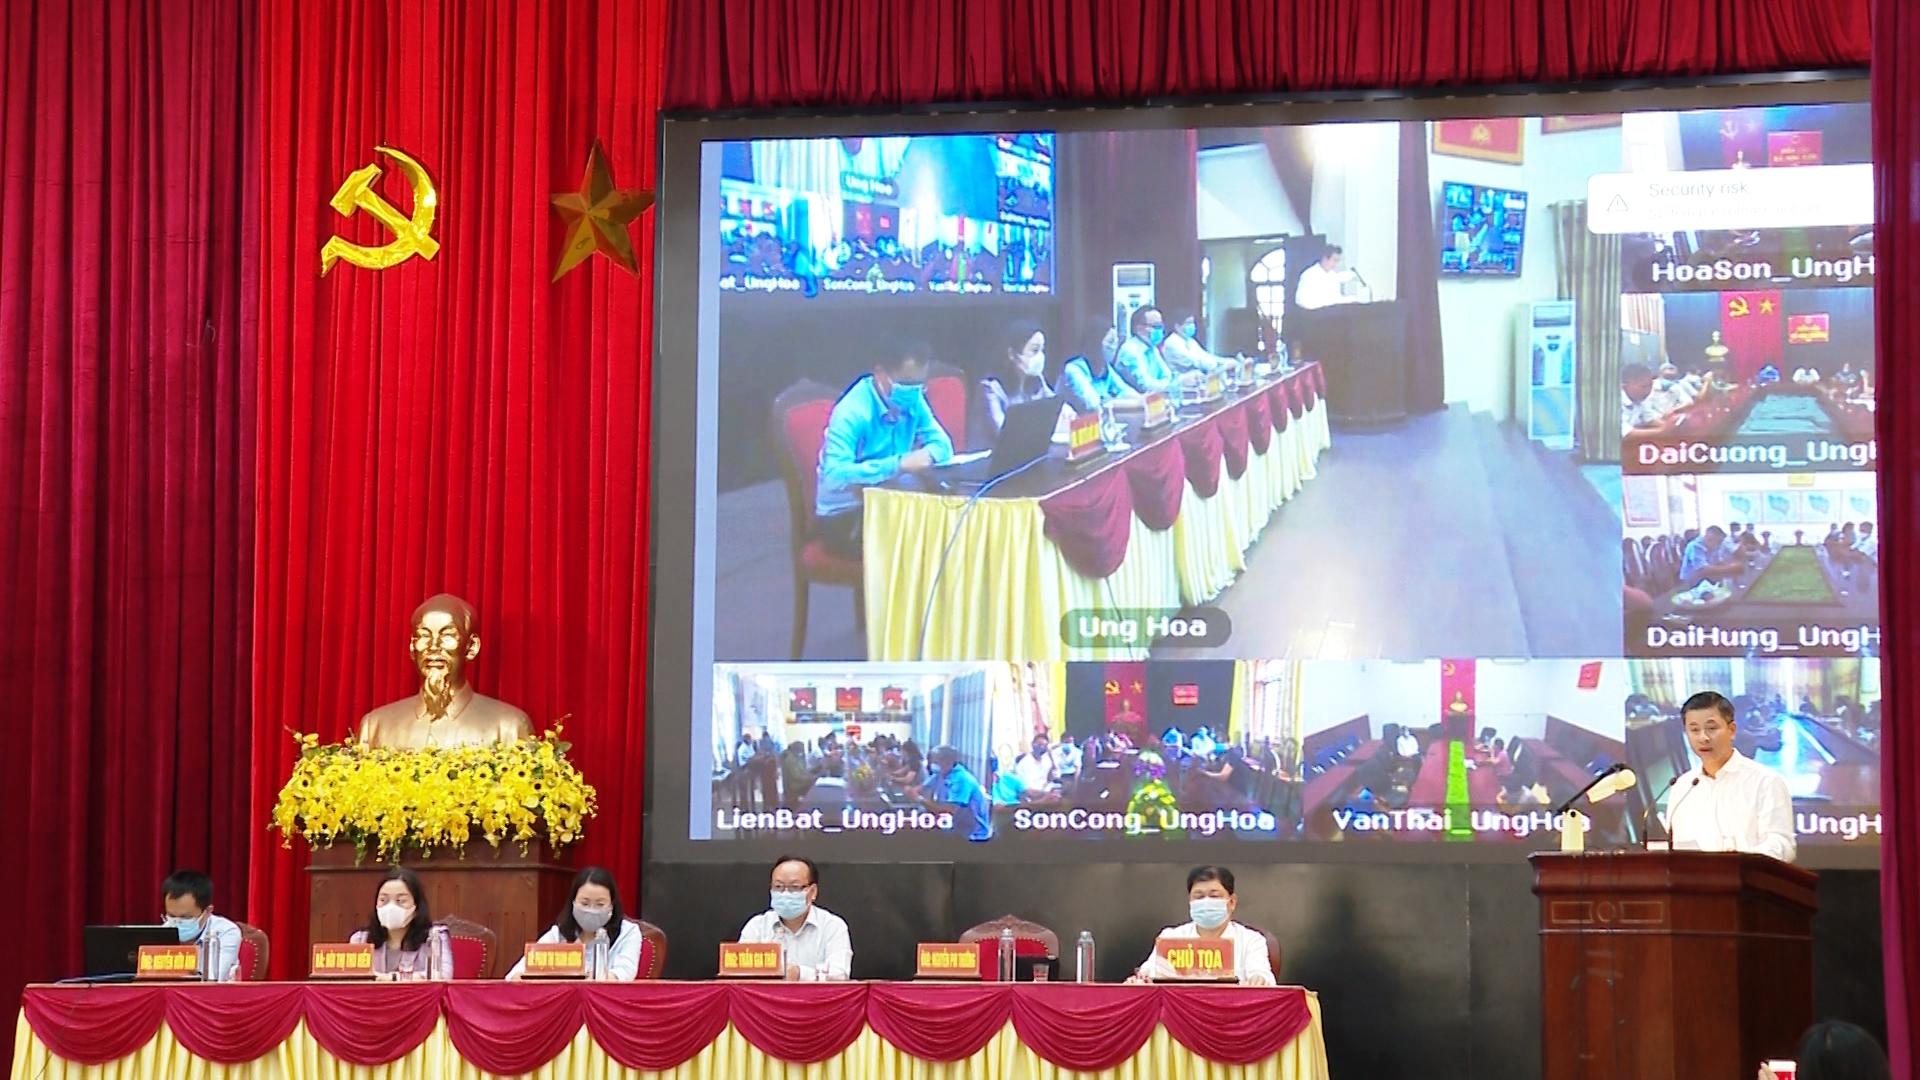 Người ứng cử đại biểu Hội đồng nhân dân thành phố Hà Nội tiếp xúc cử tri huyện Ứng Hòa